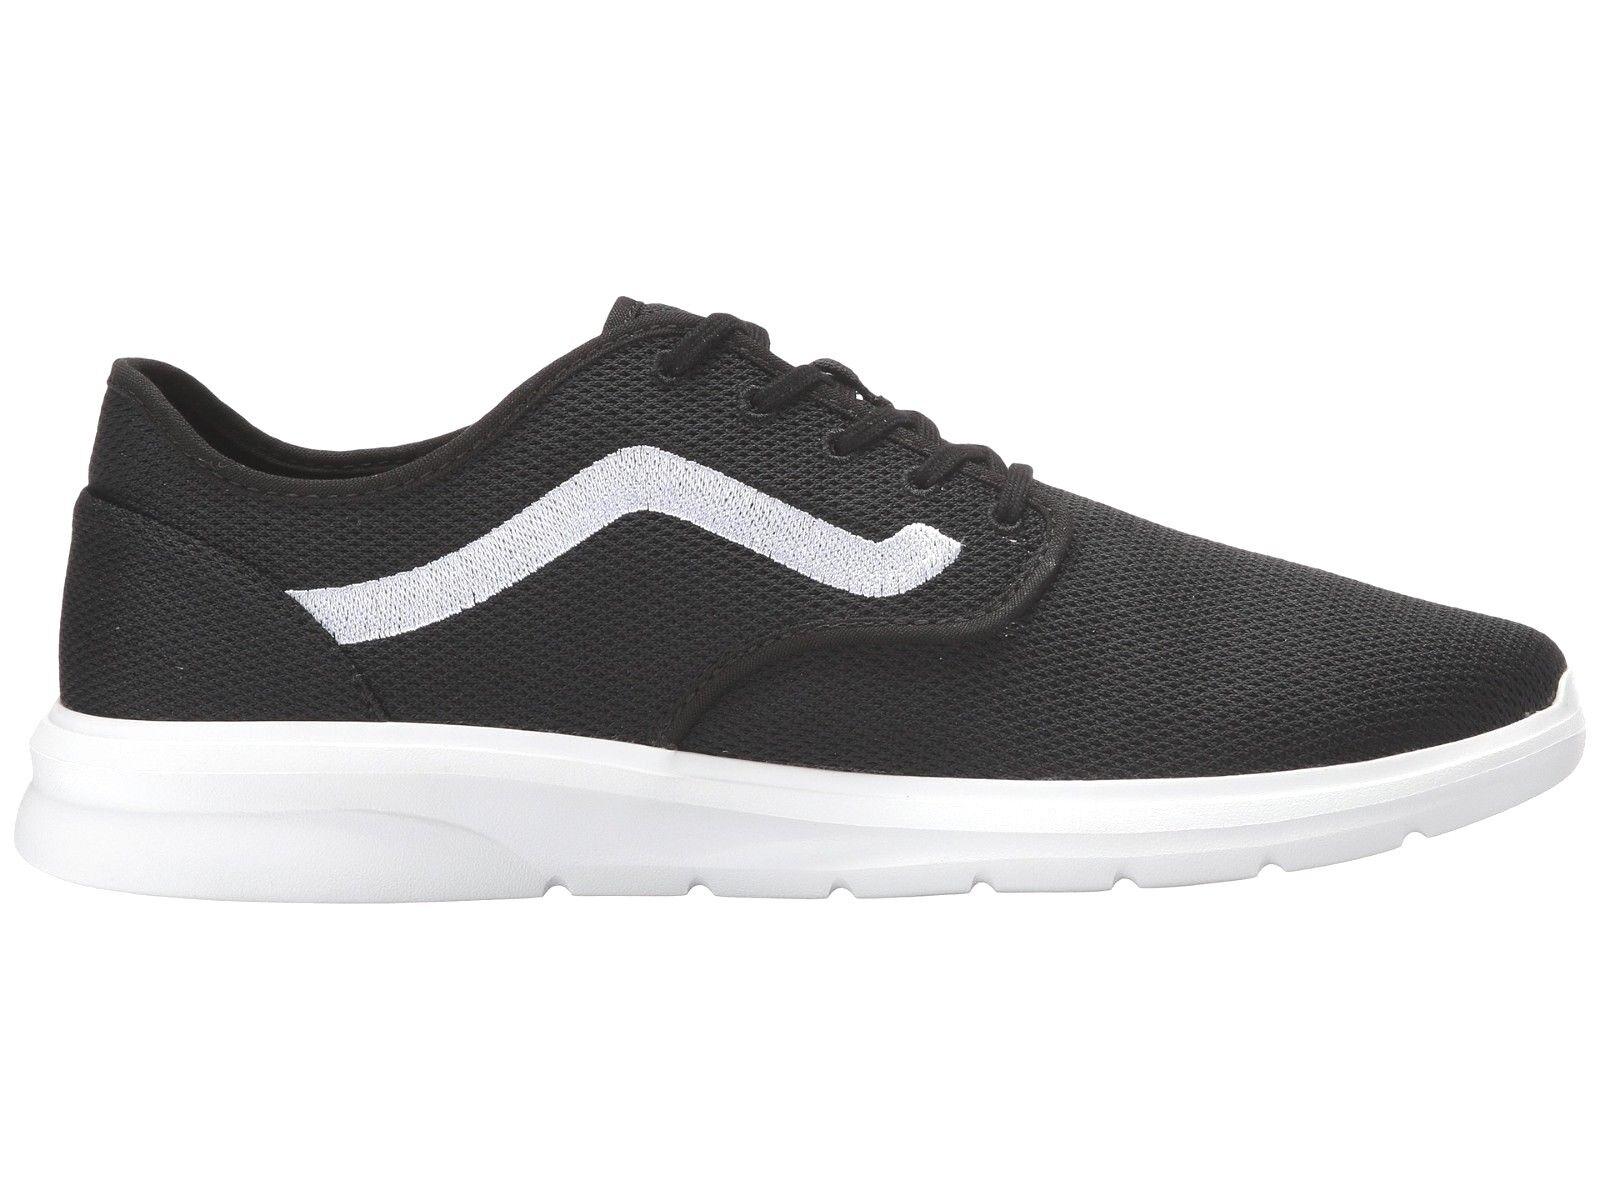 VANS ISO 2 (Mesh) Black/White/White ULTRACUSH Trainer MEN'S Size 8.5